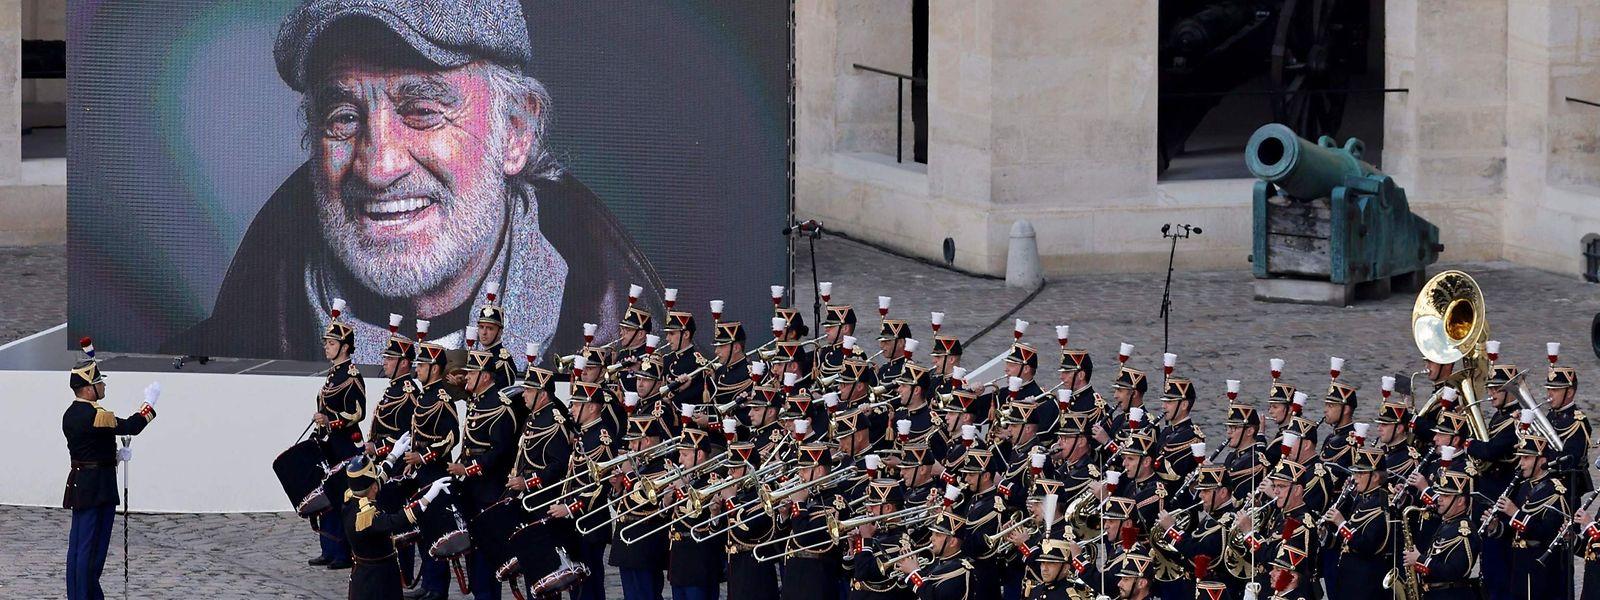 Ein schon weißhaariger Jean-Paul Belmondo, der aus der Ecke des Ehrenhofs im Pariser Invalidendom auf die rund tausend Trauergäste lächelt.